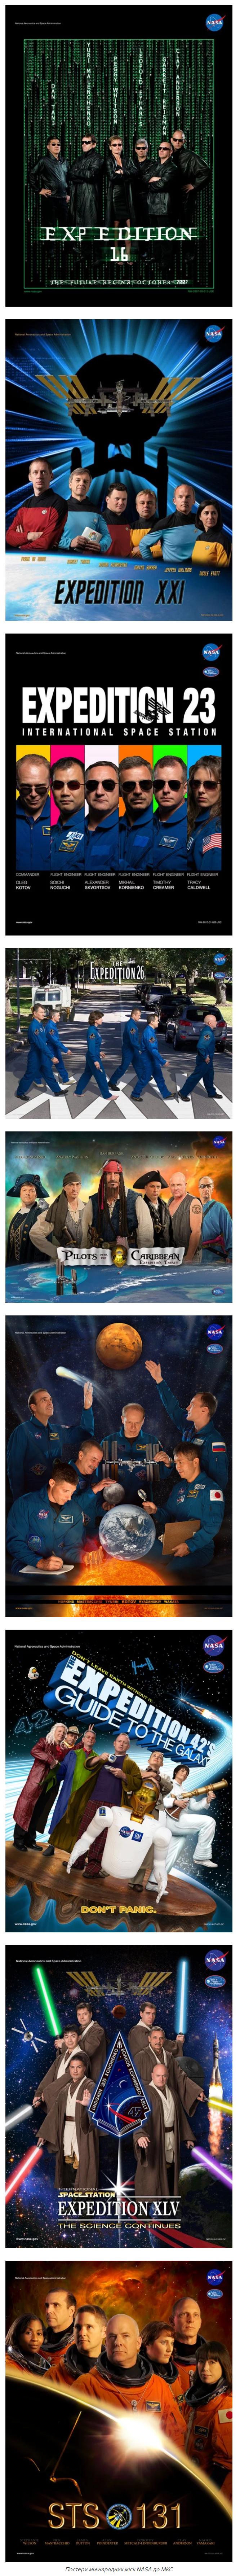 Хвилинка гумору: NASA створює кумедні постери до кожної місії на МКС (1)